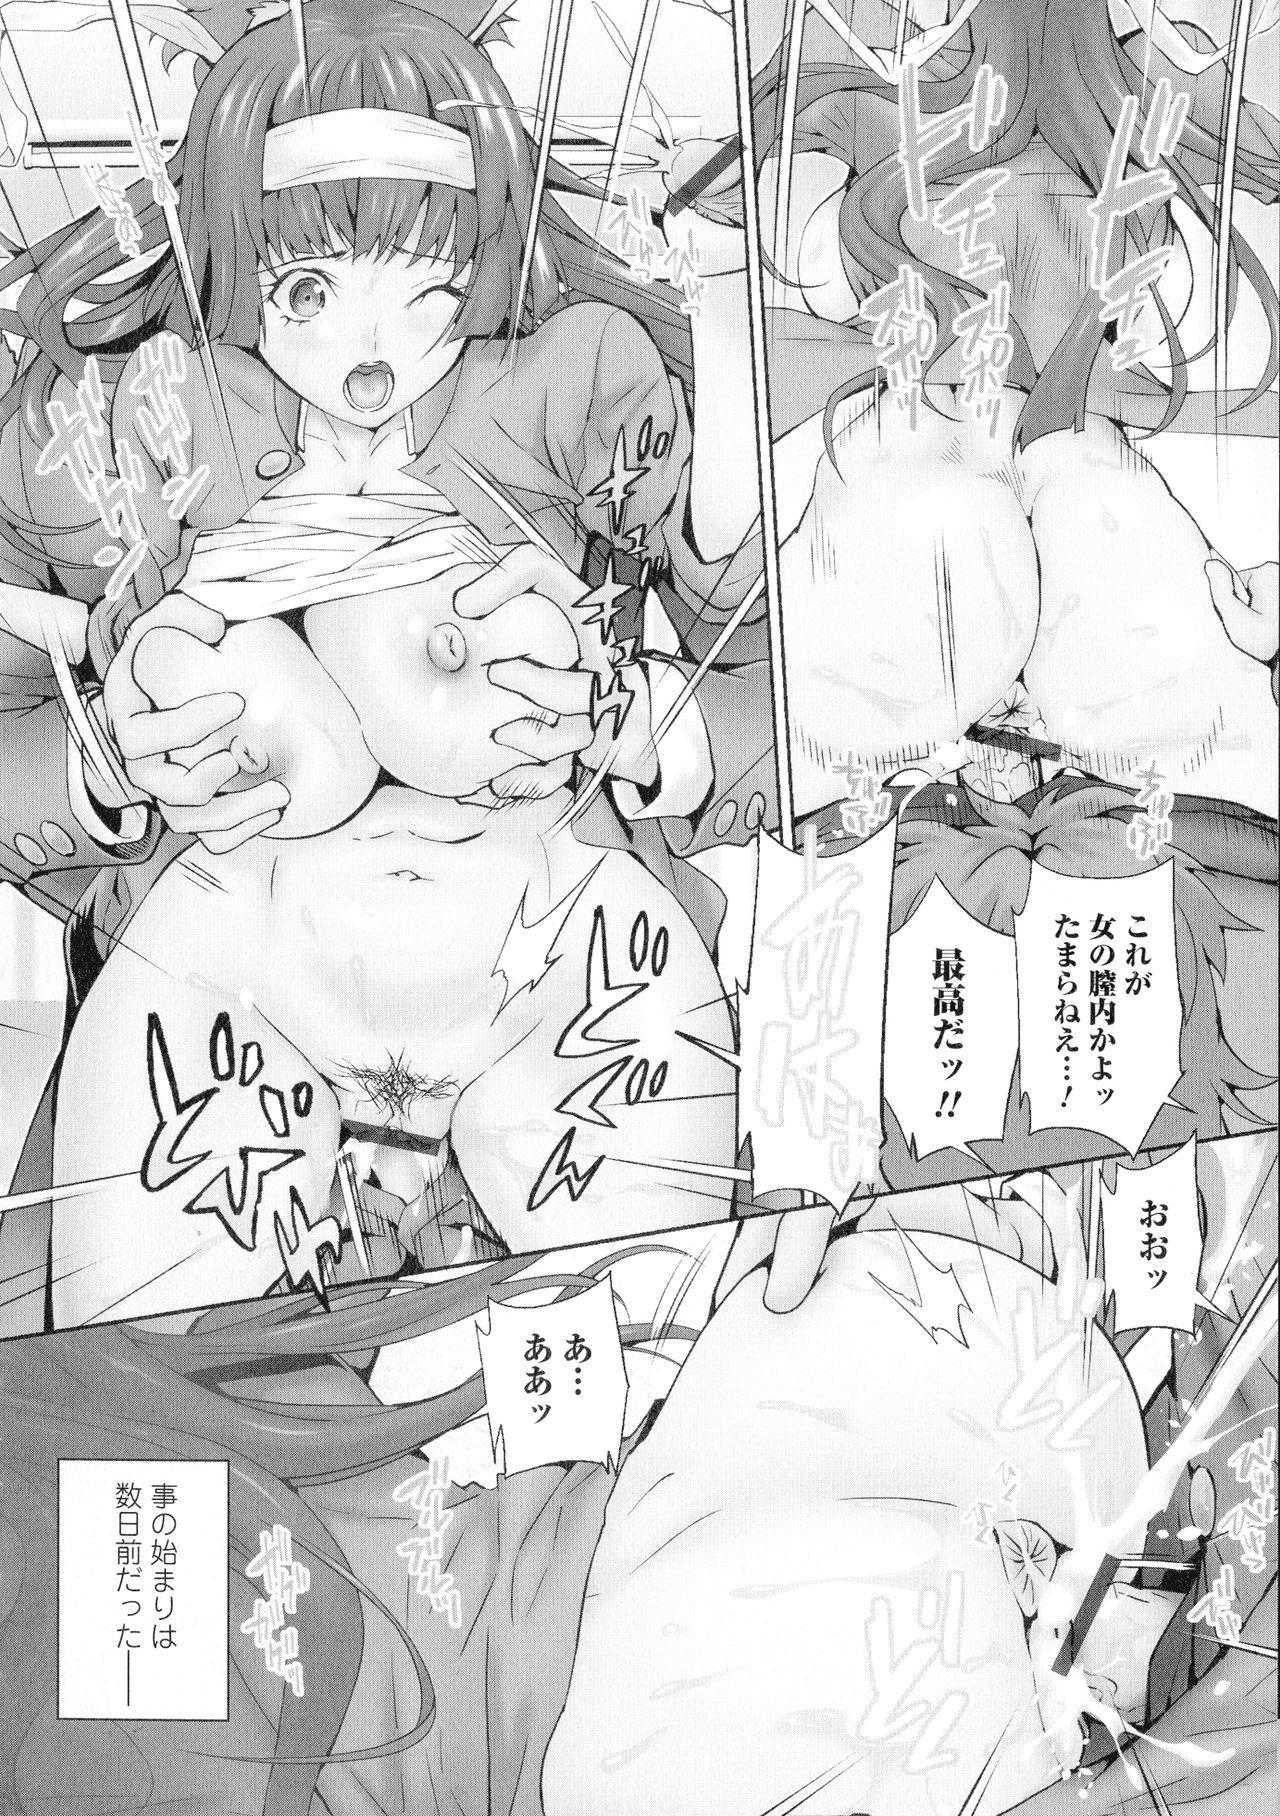 Futanari Tsunagari - Androgynos Sexual intercourse 100